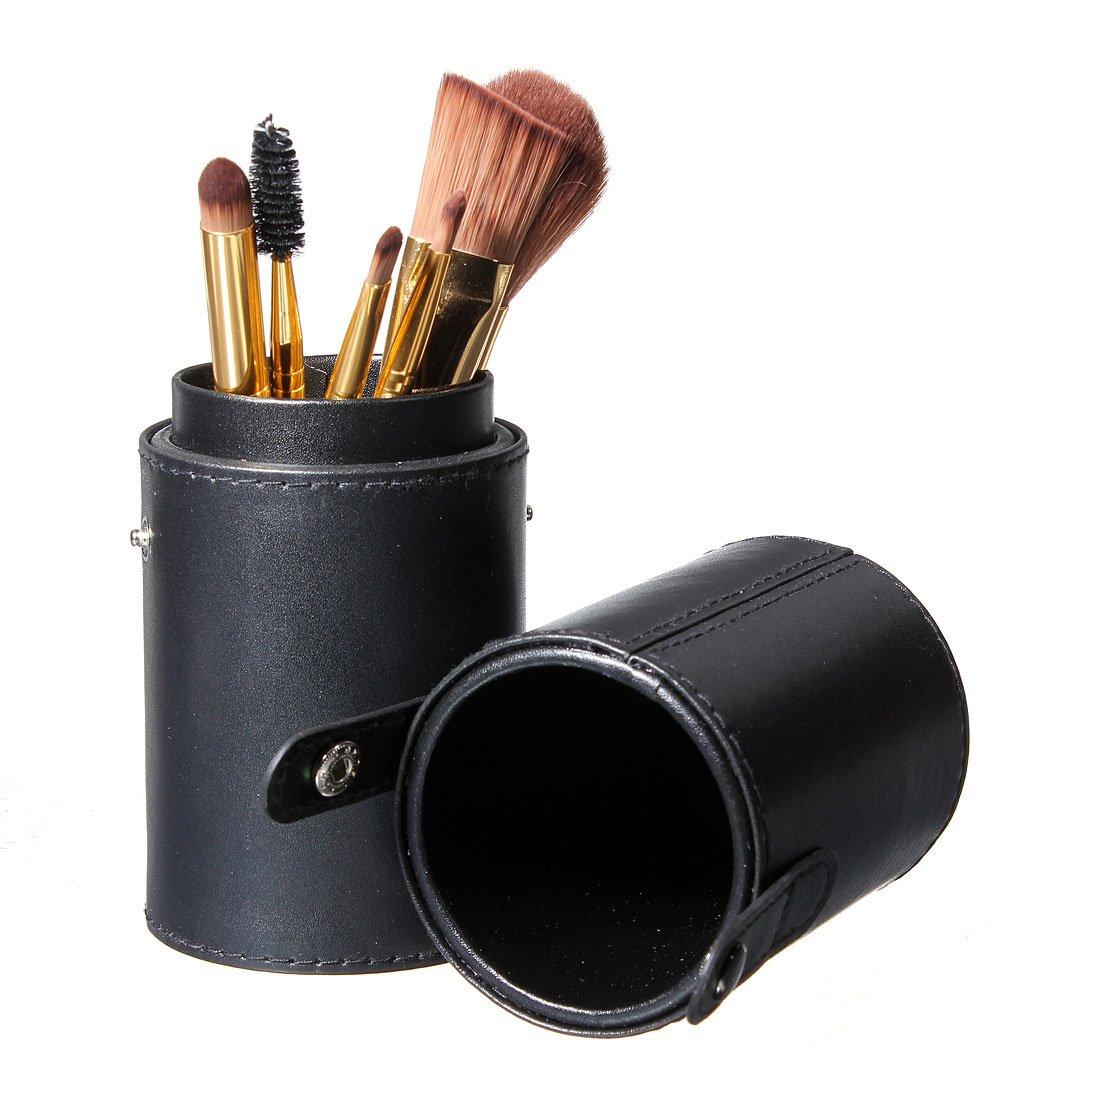 LUCKYFINE Schwarzes Leder Pinsel Leere Halter Make Up Artist Tasche Makeup Box Aufbewahrungsbehaelter